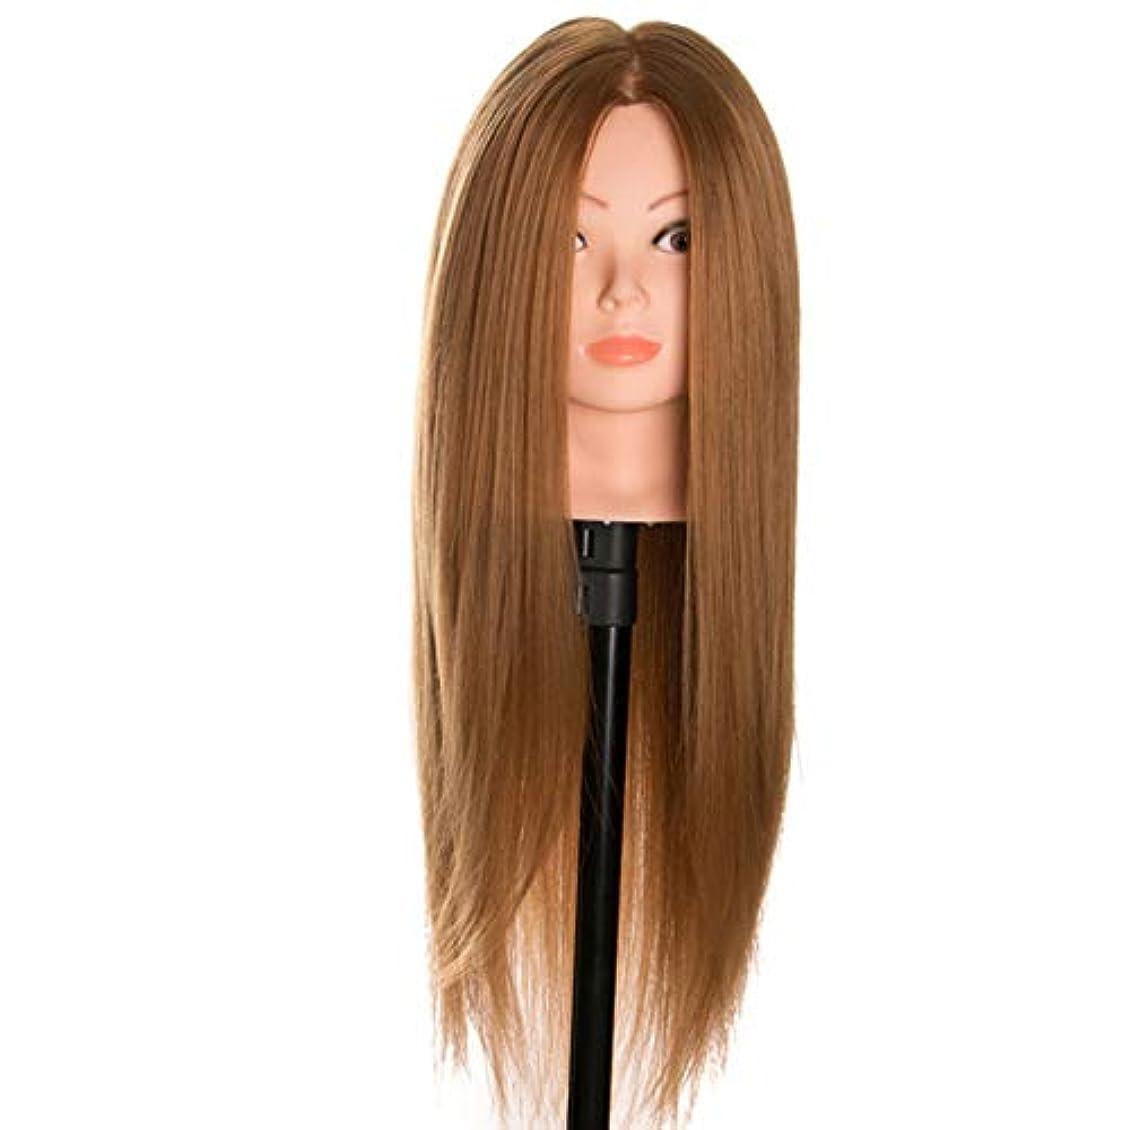 重くするまどろみのあるフラフープメイクディスクヘアスタイリング編み教育ダミーヘッド理髪ヘアカットトレーニングかつらサロンエクササイズヘッド金型3個